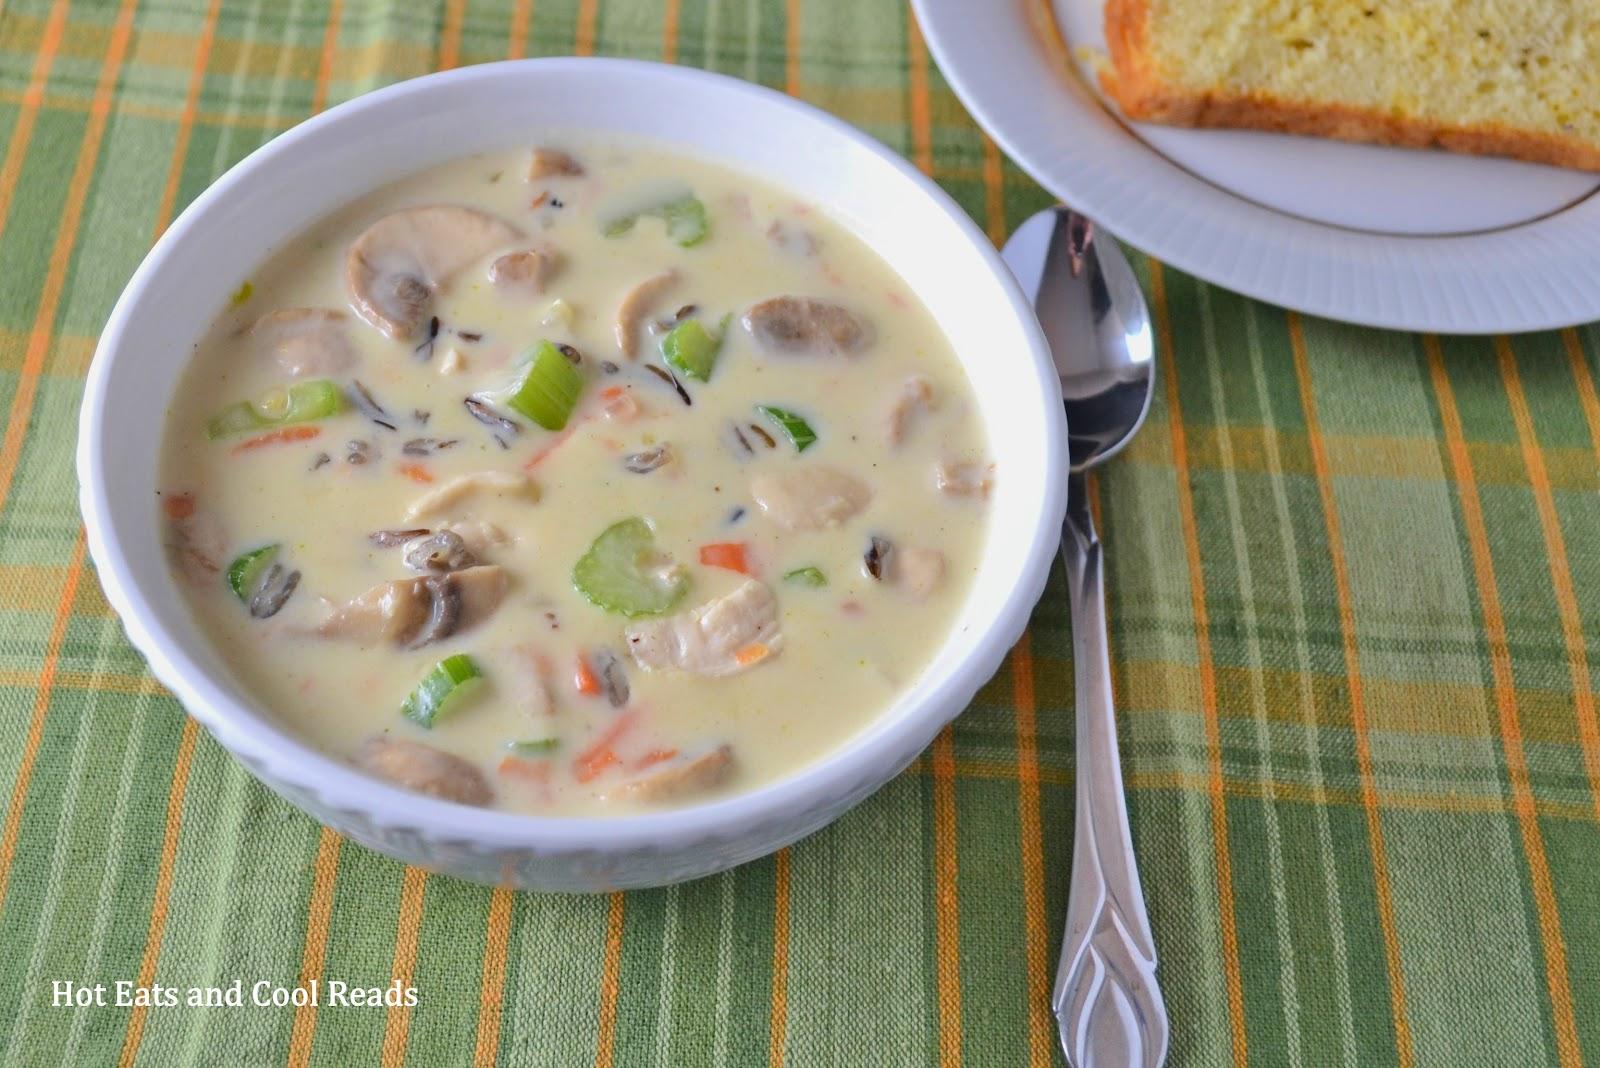 grand casino wild rice soup recipe